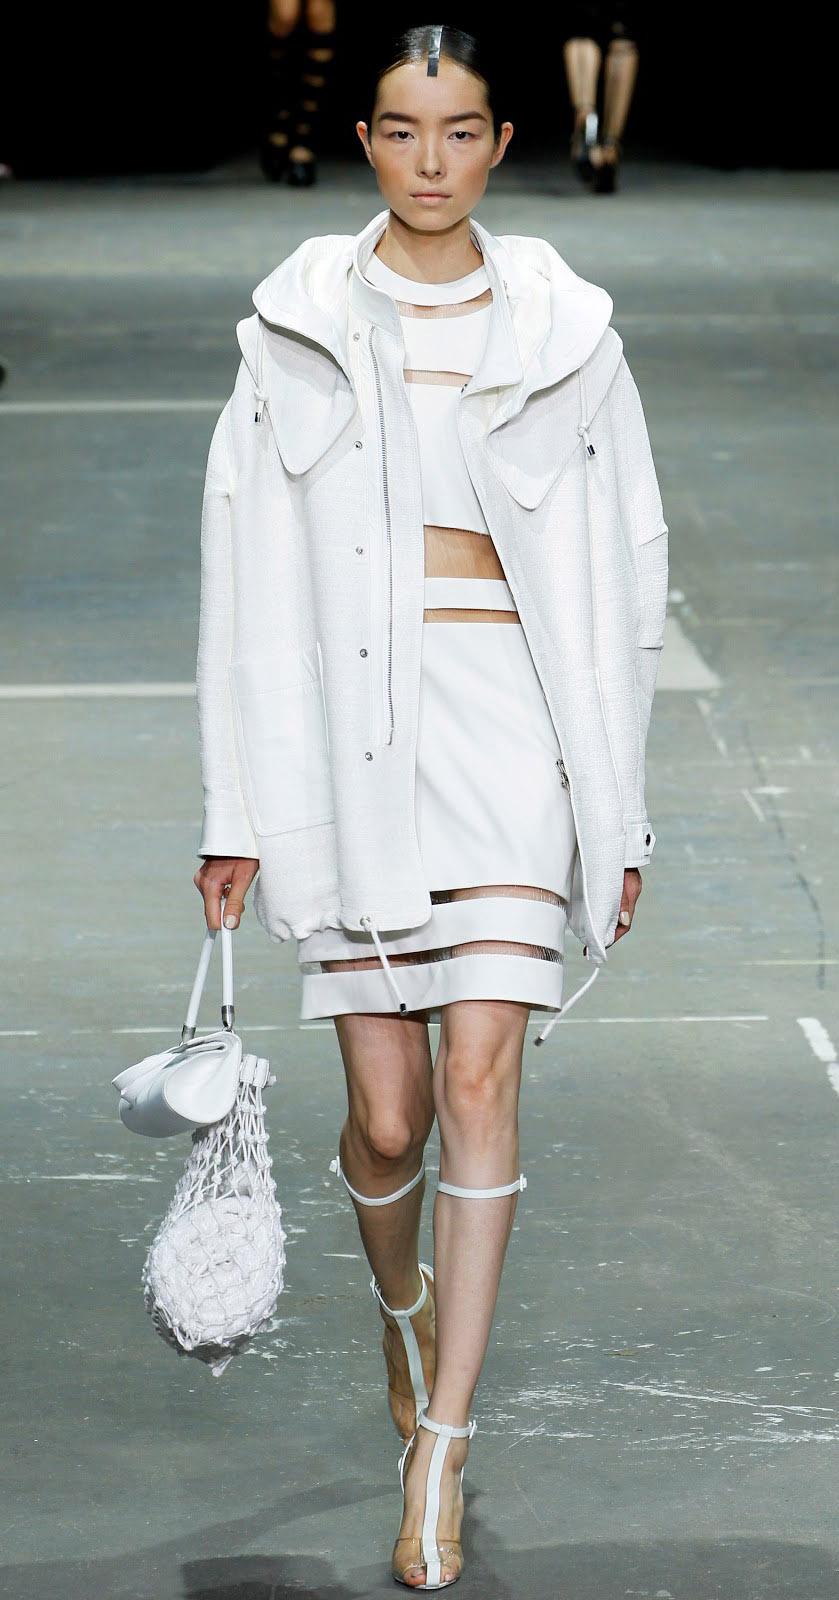 white-mini-skirt-match-set-white-crop-top-brun-white-shoe-sandalh-mono-white-jacket-coat-parka-spring-summer-dinner.jpg